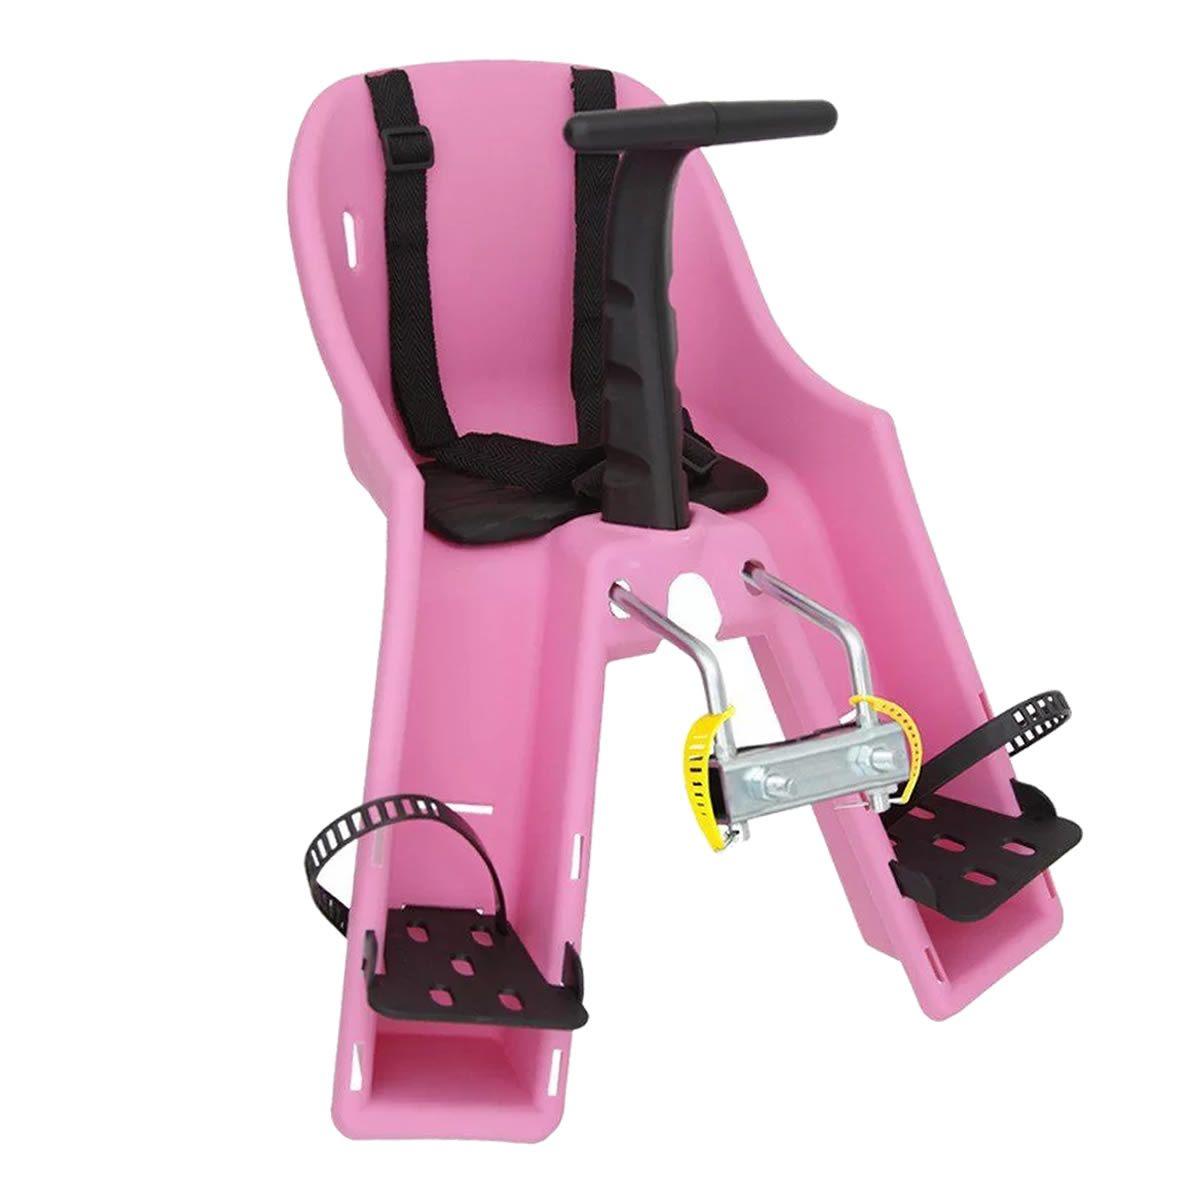 Cadeira Baby Kalf Dianteira Transporte Bicicleta Com Engate 2 Cores